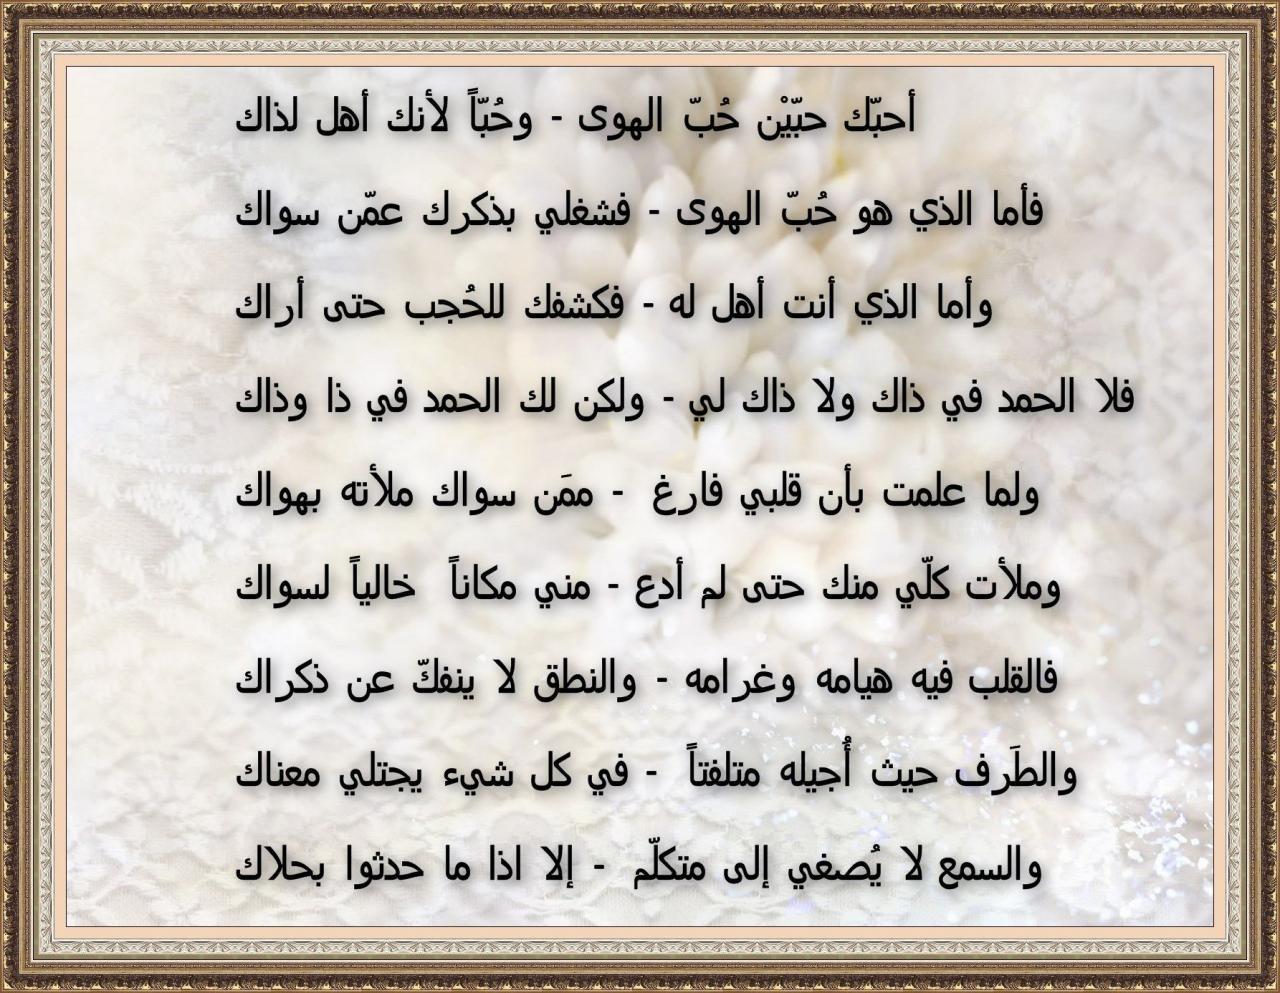 صورة اصعب كلمات اللغة العربية 1045 7